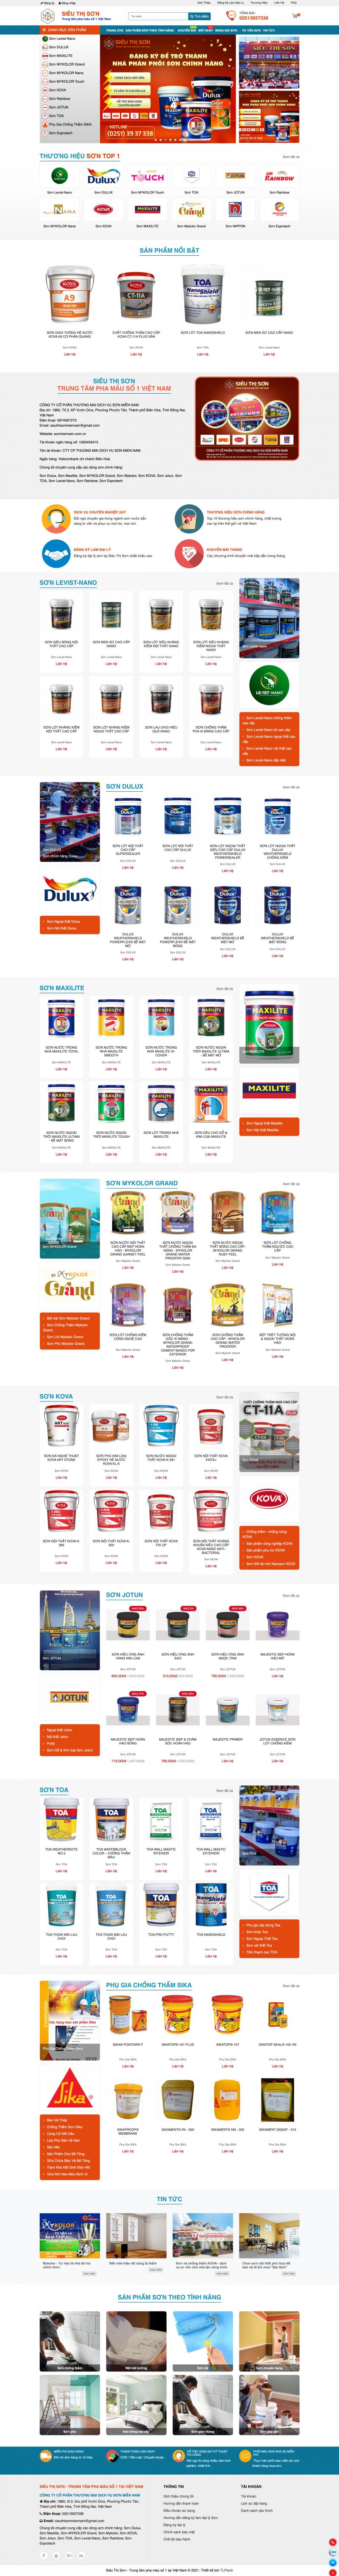 Thiết kế web bán sơn - Sơn Miền Nam